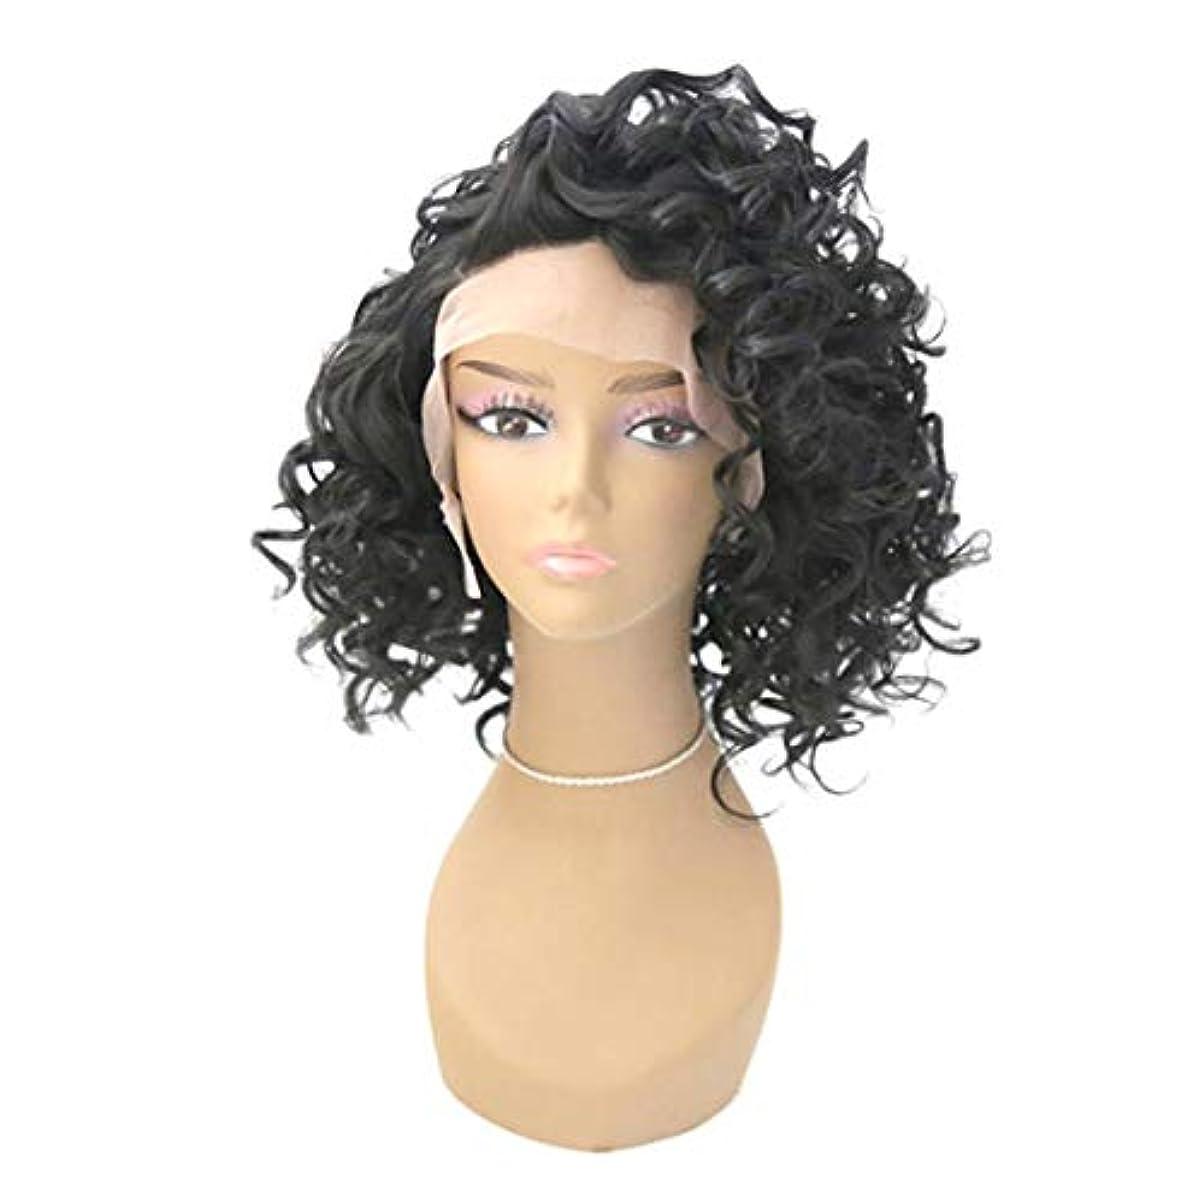 提案するにやにや力強いKerwinner 合成かつらレースフロントかつら赤ん坊の毛髪自然な生え際耐熱ファイバーレースかつらで長い緩い巻き毛かつら女性のための自然な黒のかつら (Size : 24inch)